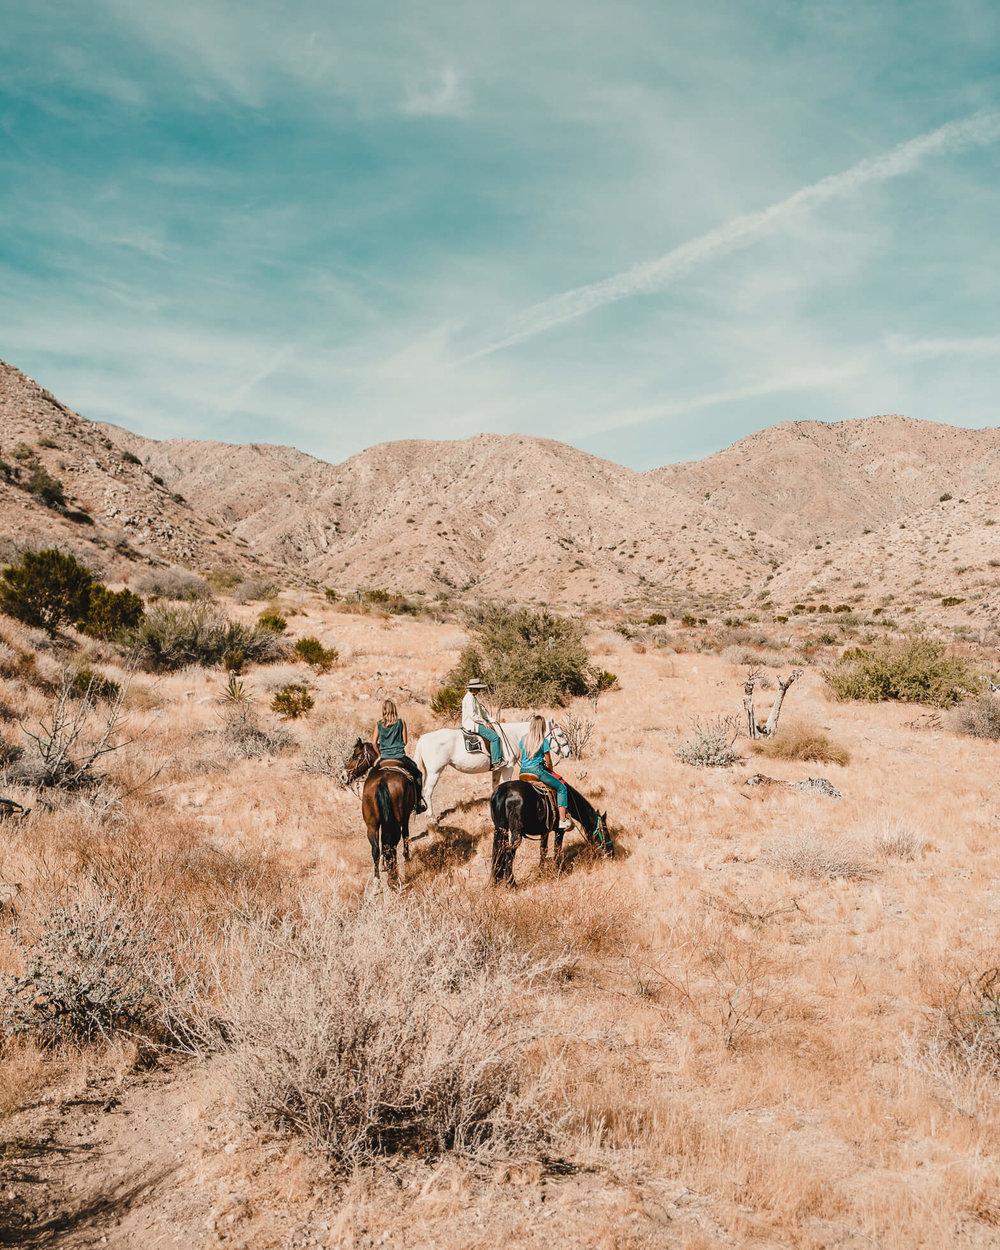 janni-deler-horseback-riding-8.jpg